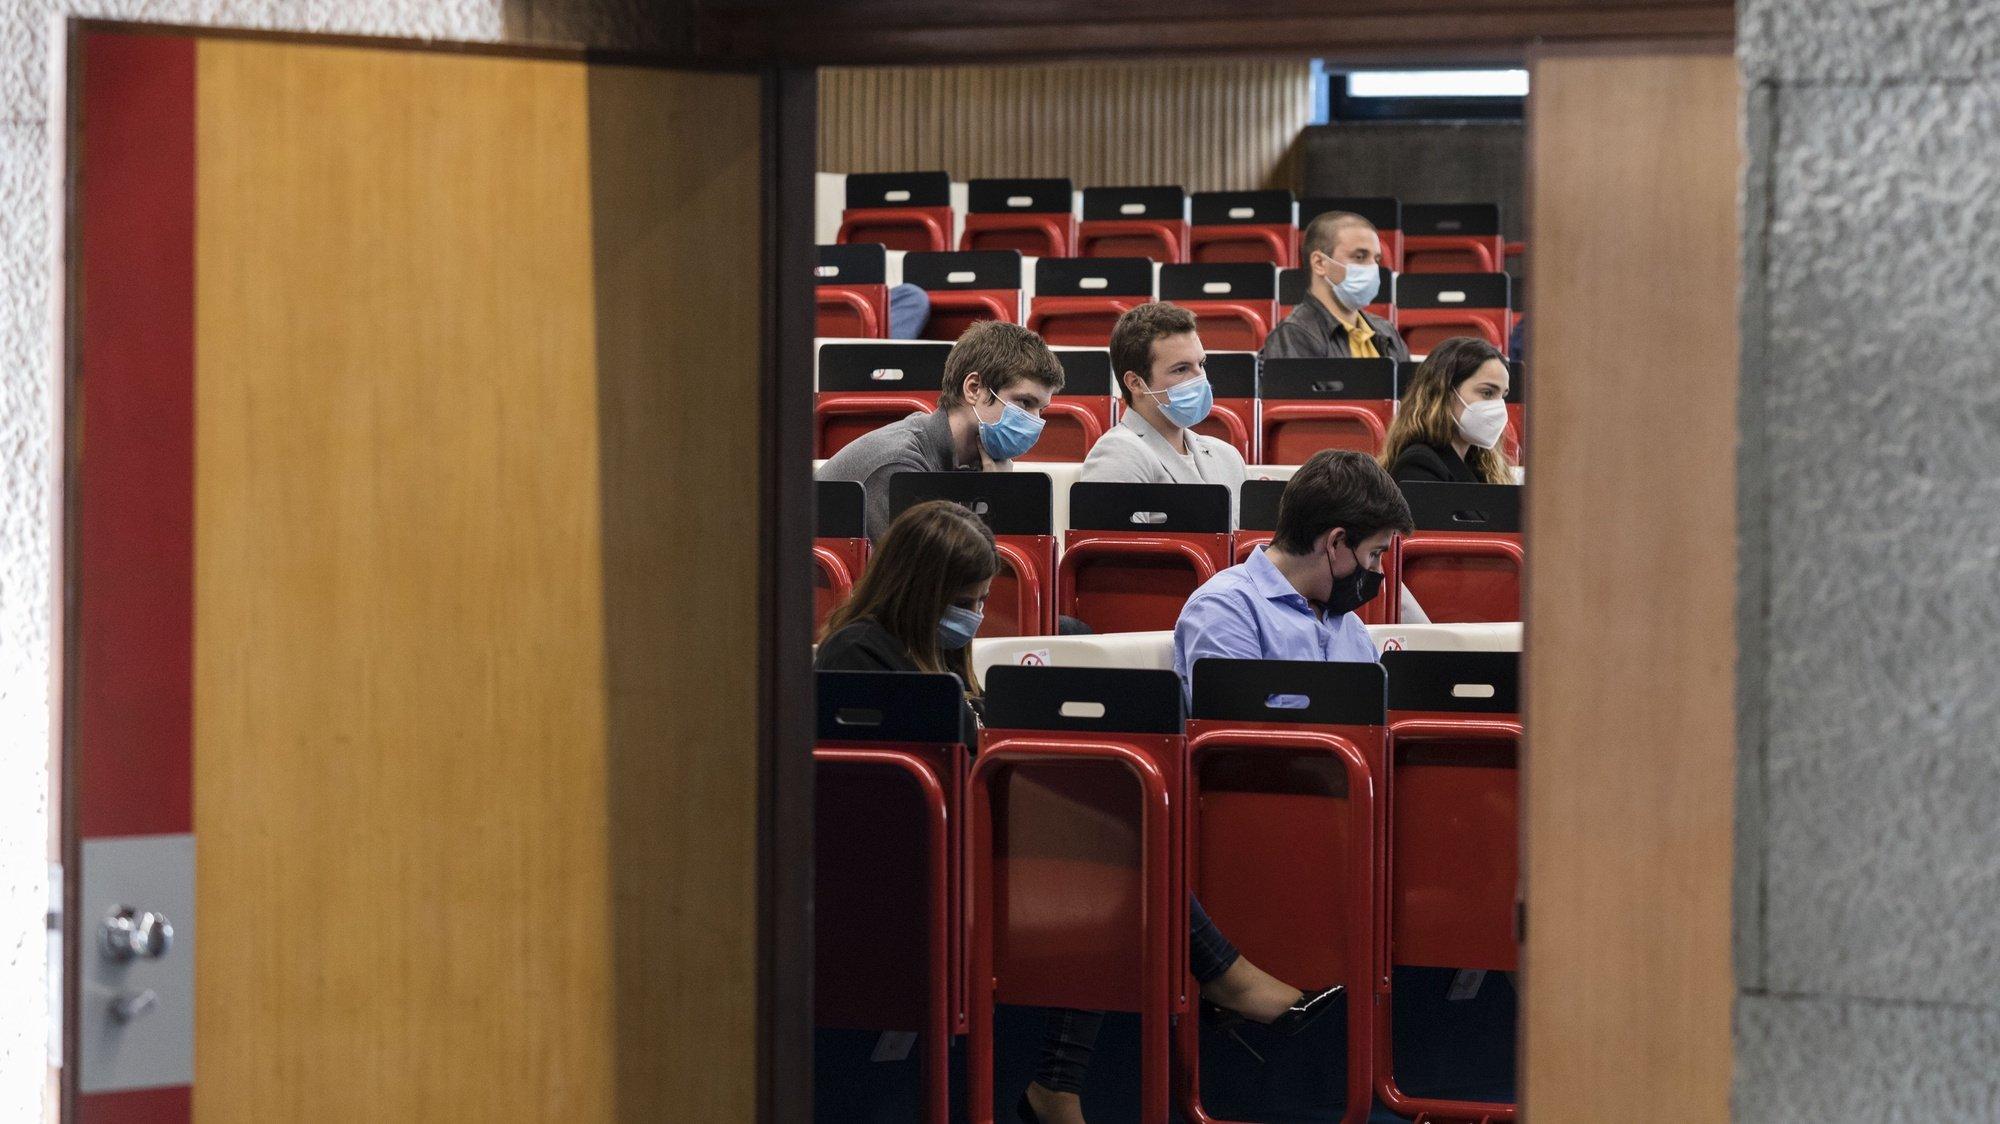 Estudantes participam numa aula presencial na Faculdade de Economia da Universidade do Porto, 21 de maio de 2021. JOSÉ COELHO/LUSA